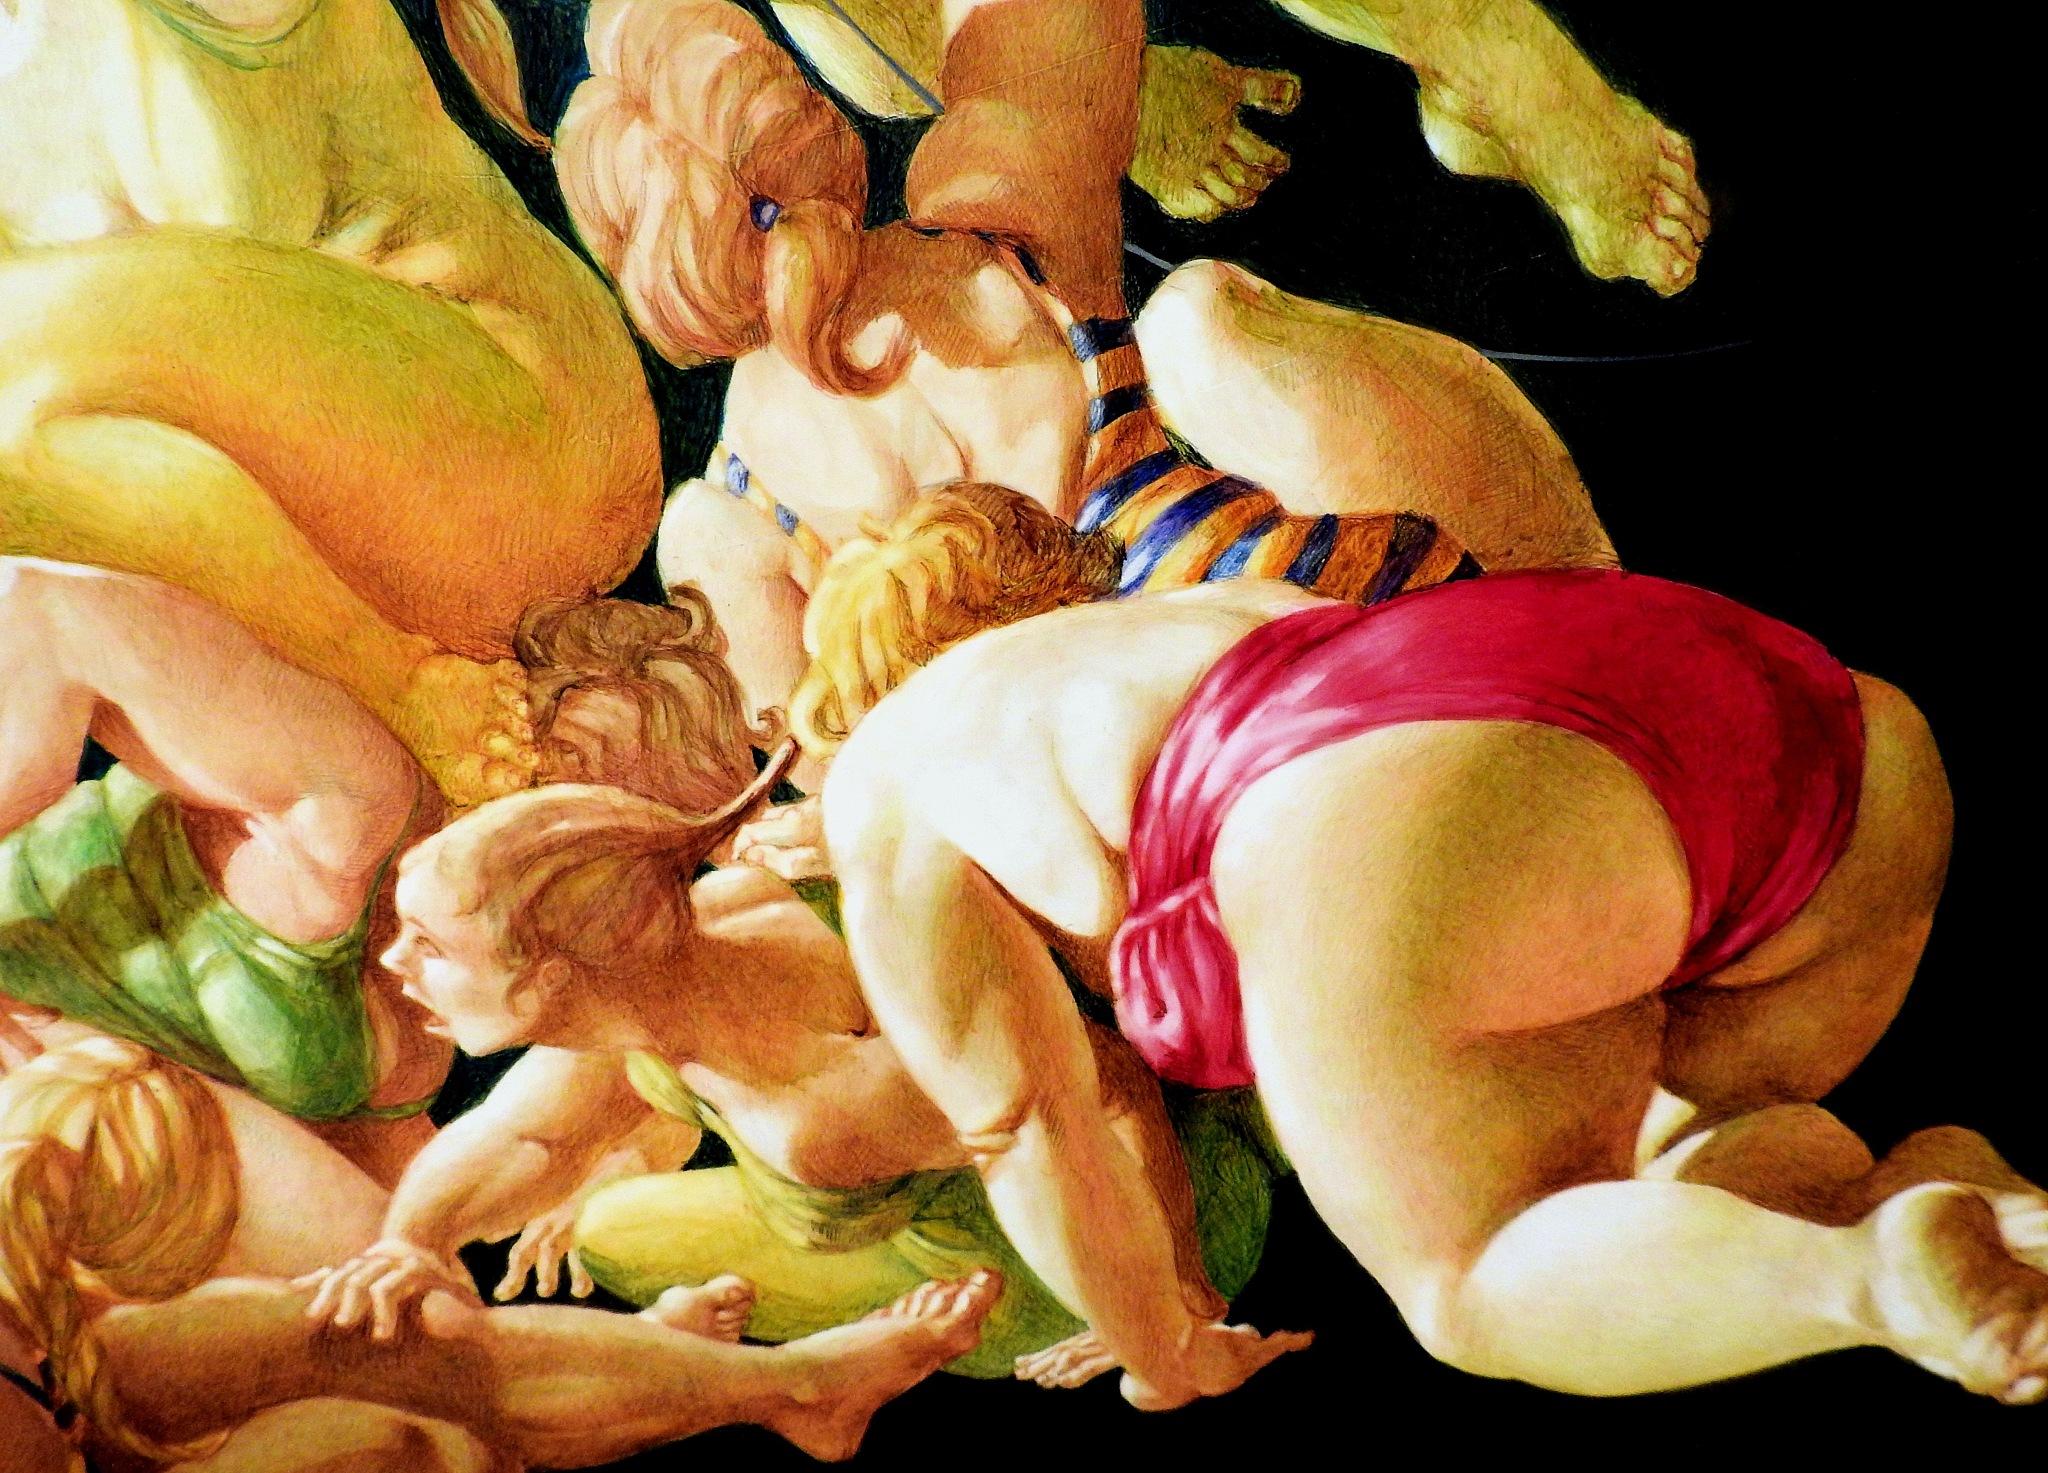 Patrizia Comand - La Scalata - The Ascent - 02 by Arnaldo De Lisio